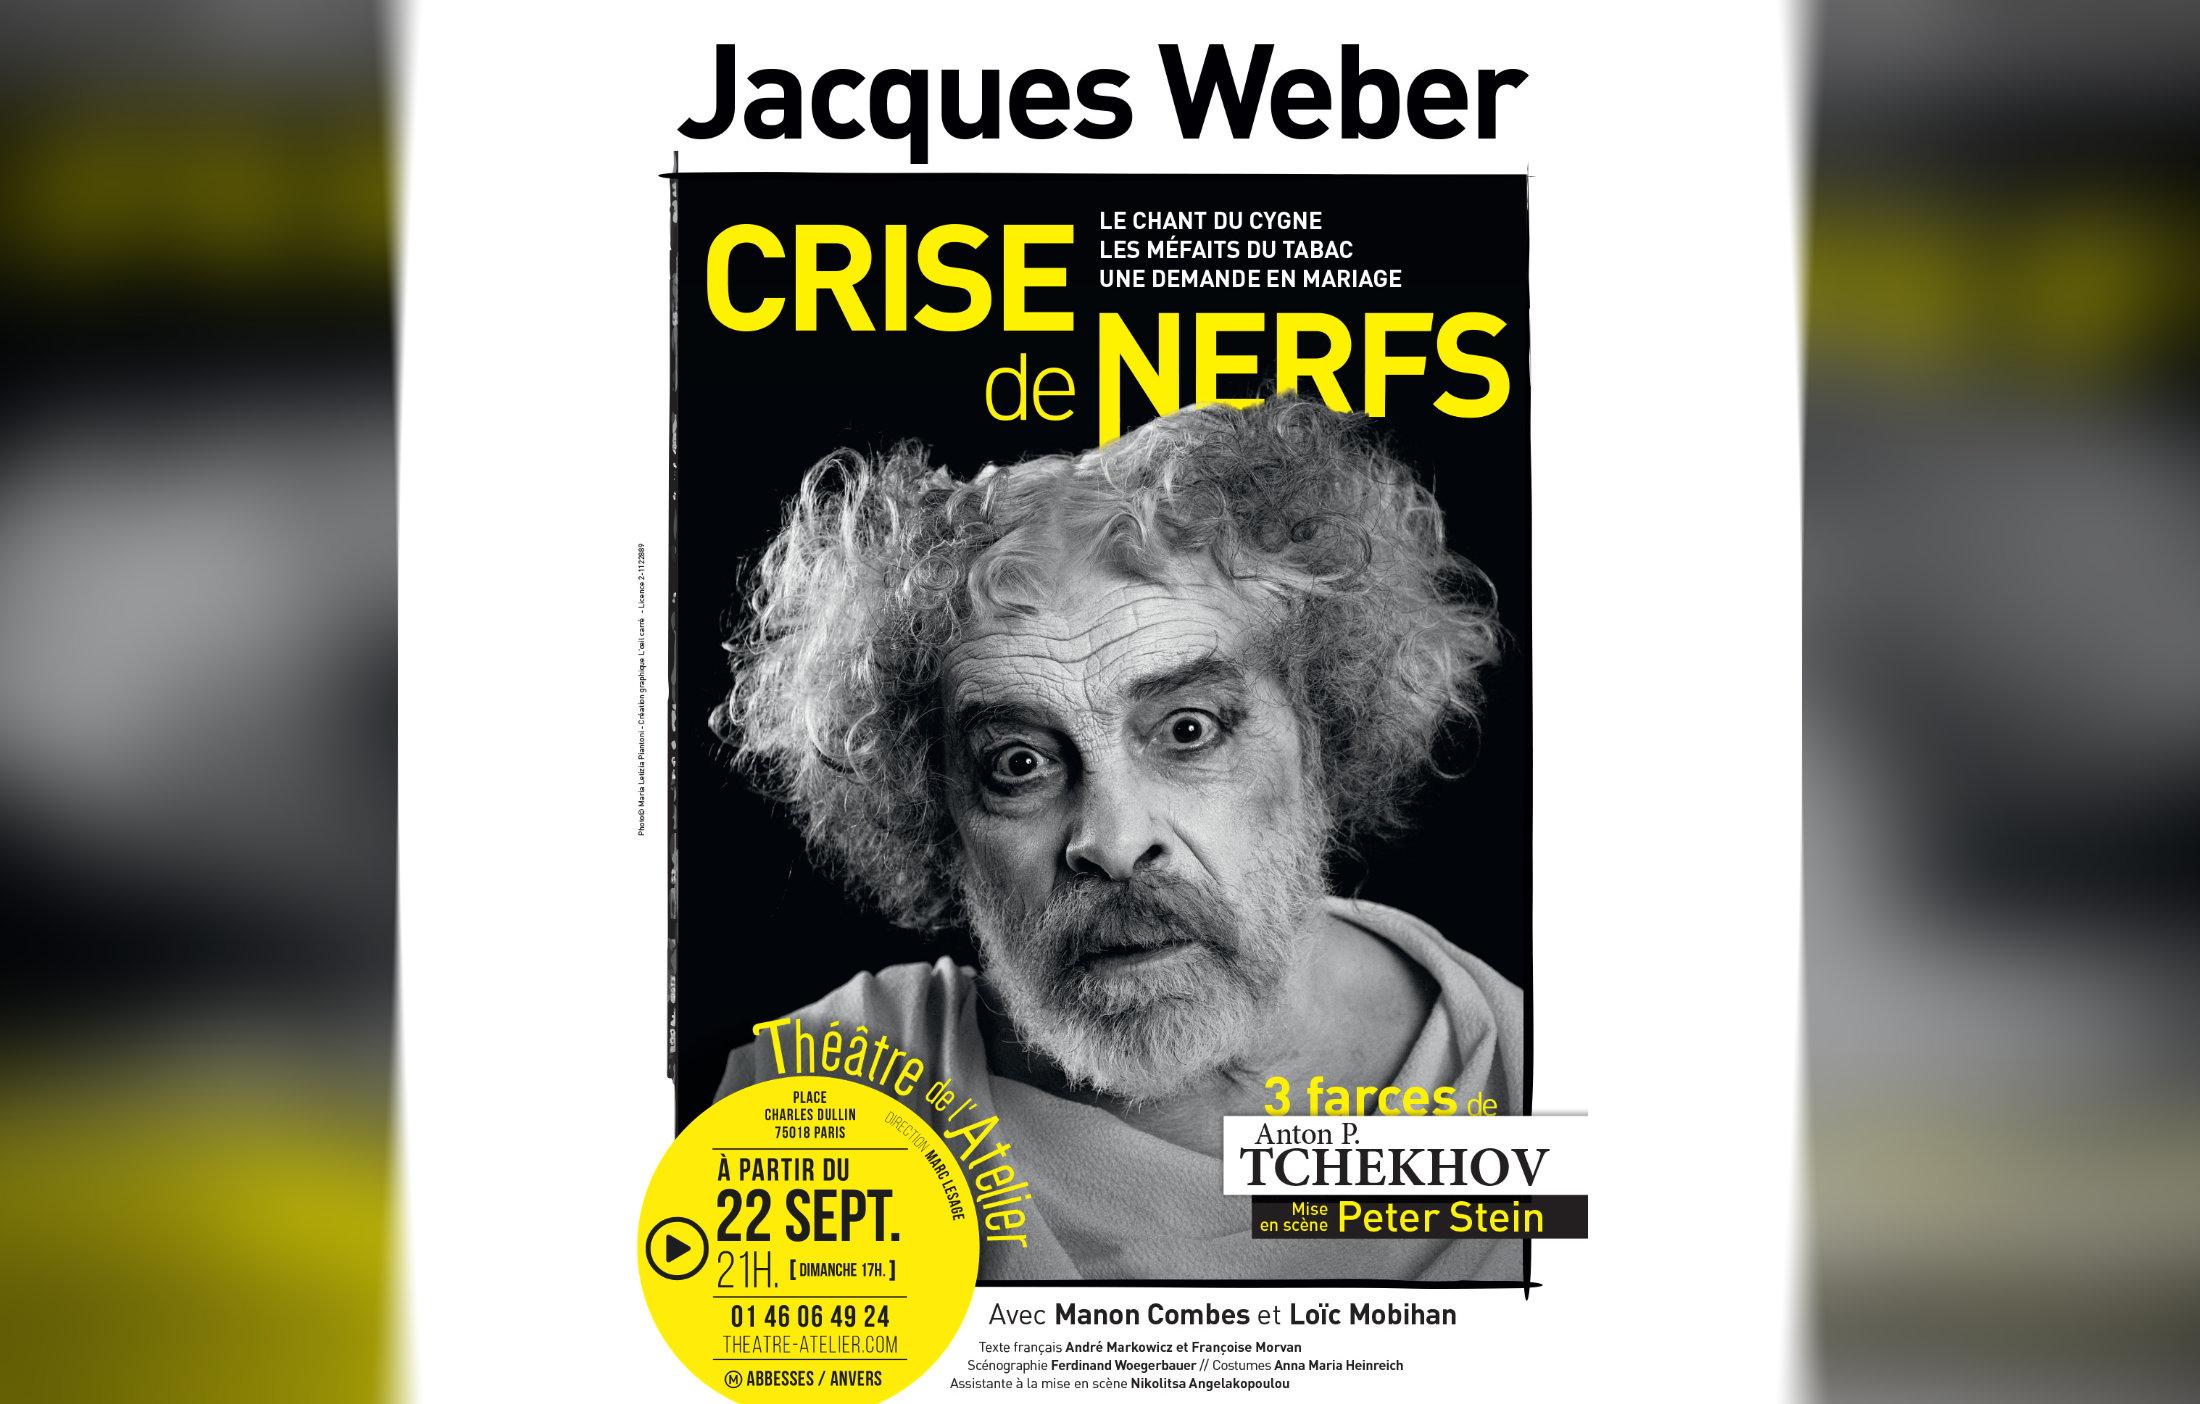 Crise-de-nerfs-3-farces-de-Tchekhov@2x